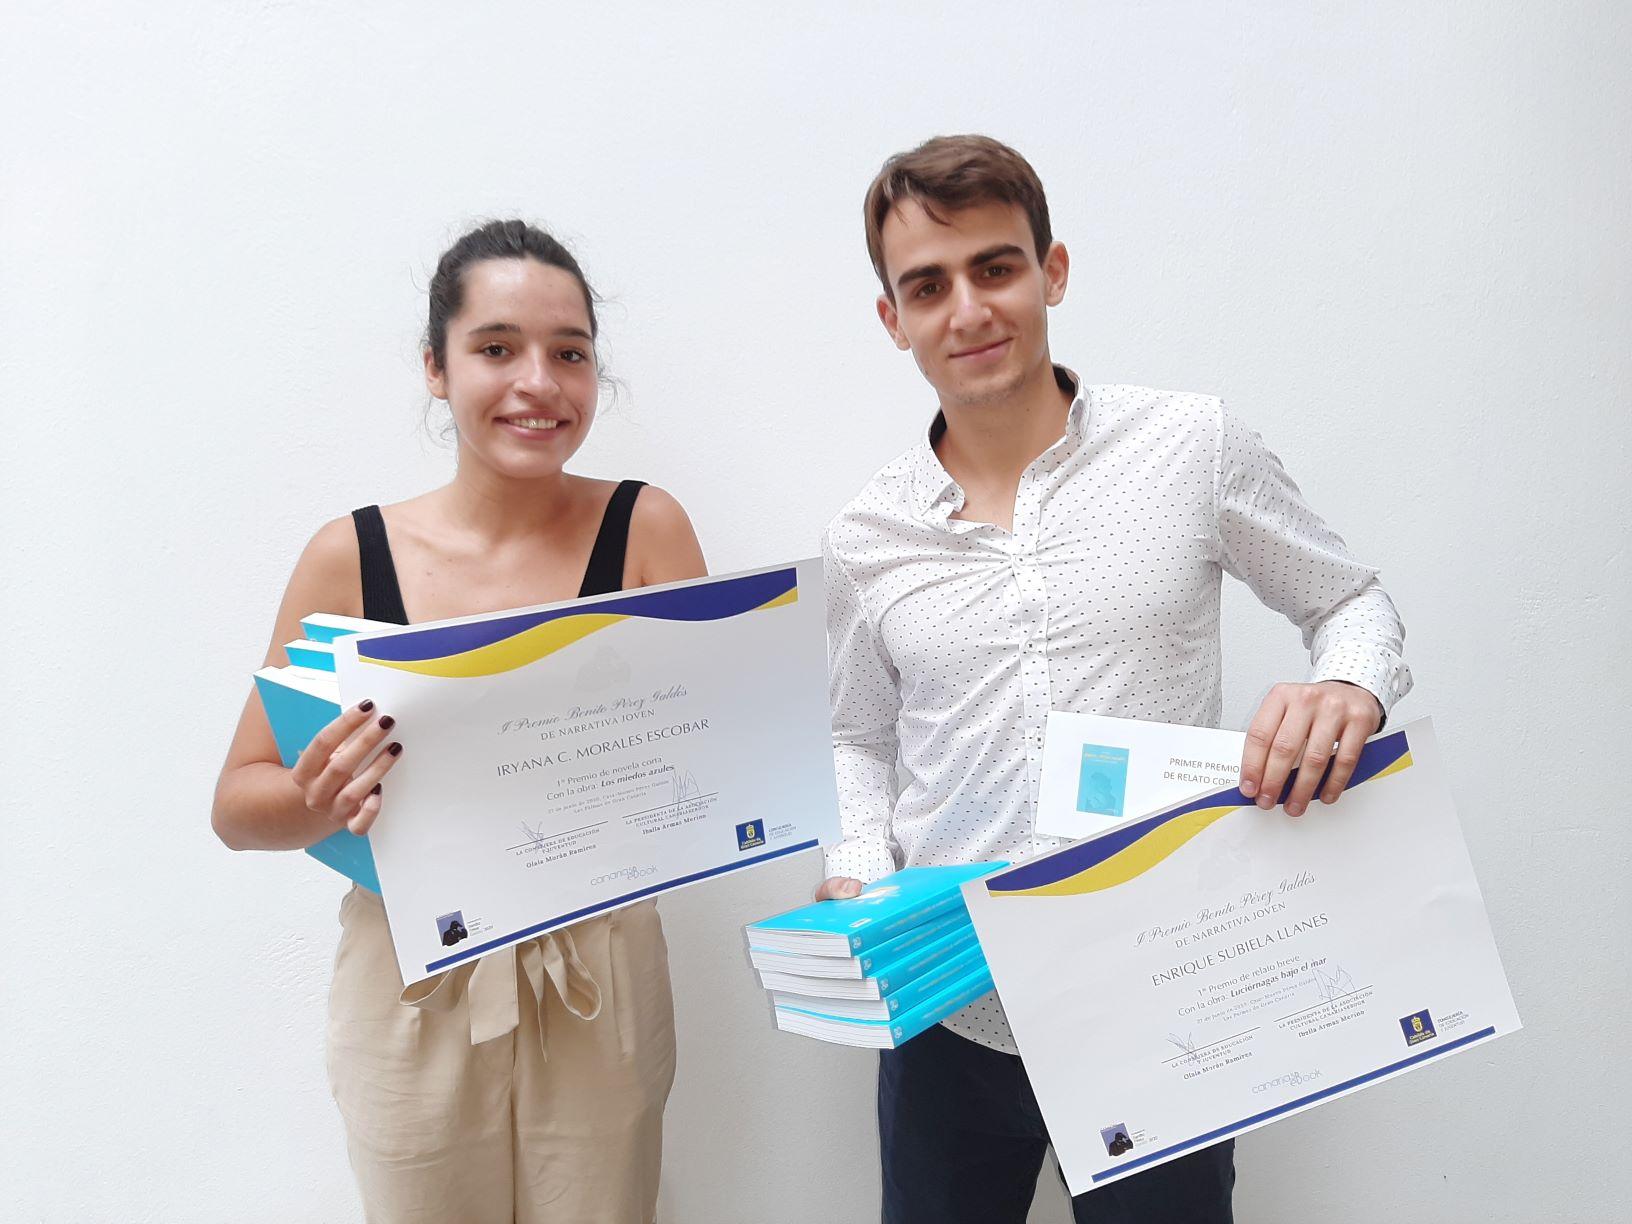 Iryana C. Morales y Enrique Subiela ganan el Premio Benito Pérez Galdós de narrativa joven